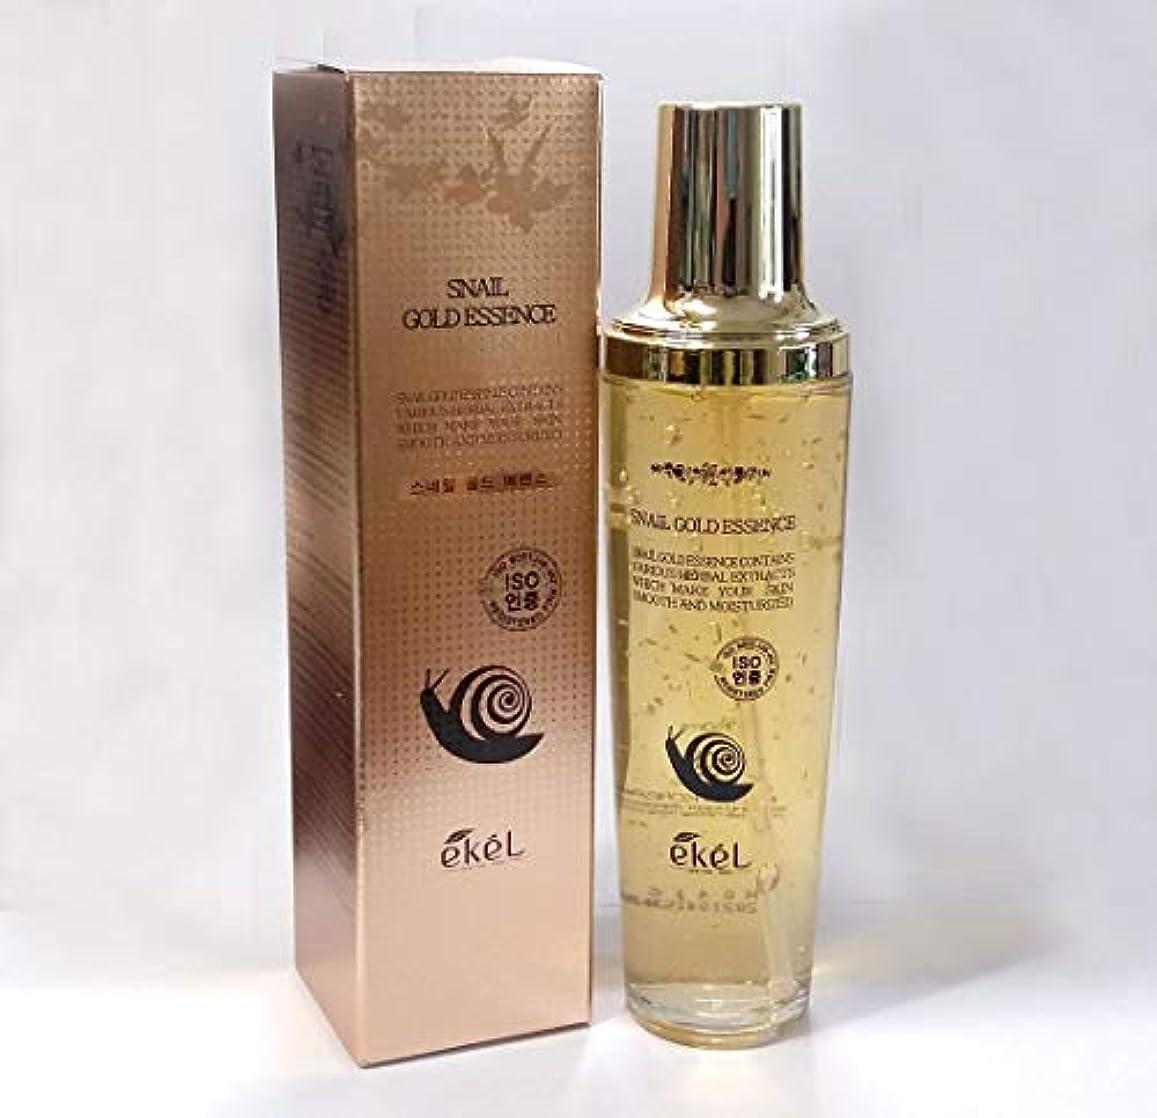 先に確かに気づく[EKEL] ゴールドエッセンス150ml /ハーブエキス/スムーズ&モイスチャライド/韓国化粧品 / Gold Essence 150ml / Herbal Extracts / Smooth & Moisturized...